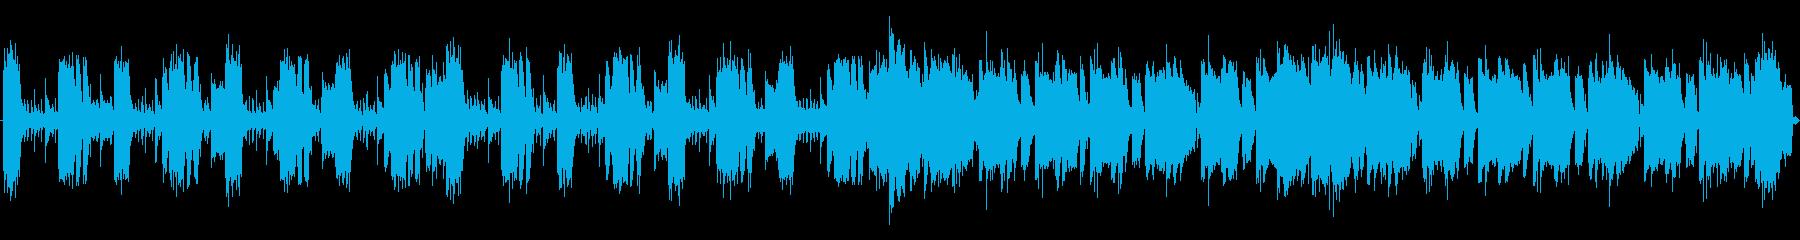 eSportsサイバーロックメロ無60秒の再生済みの波形